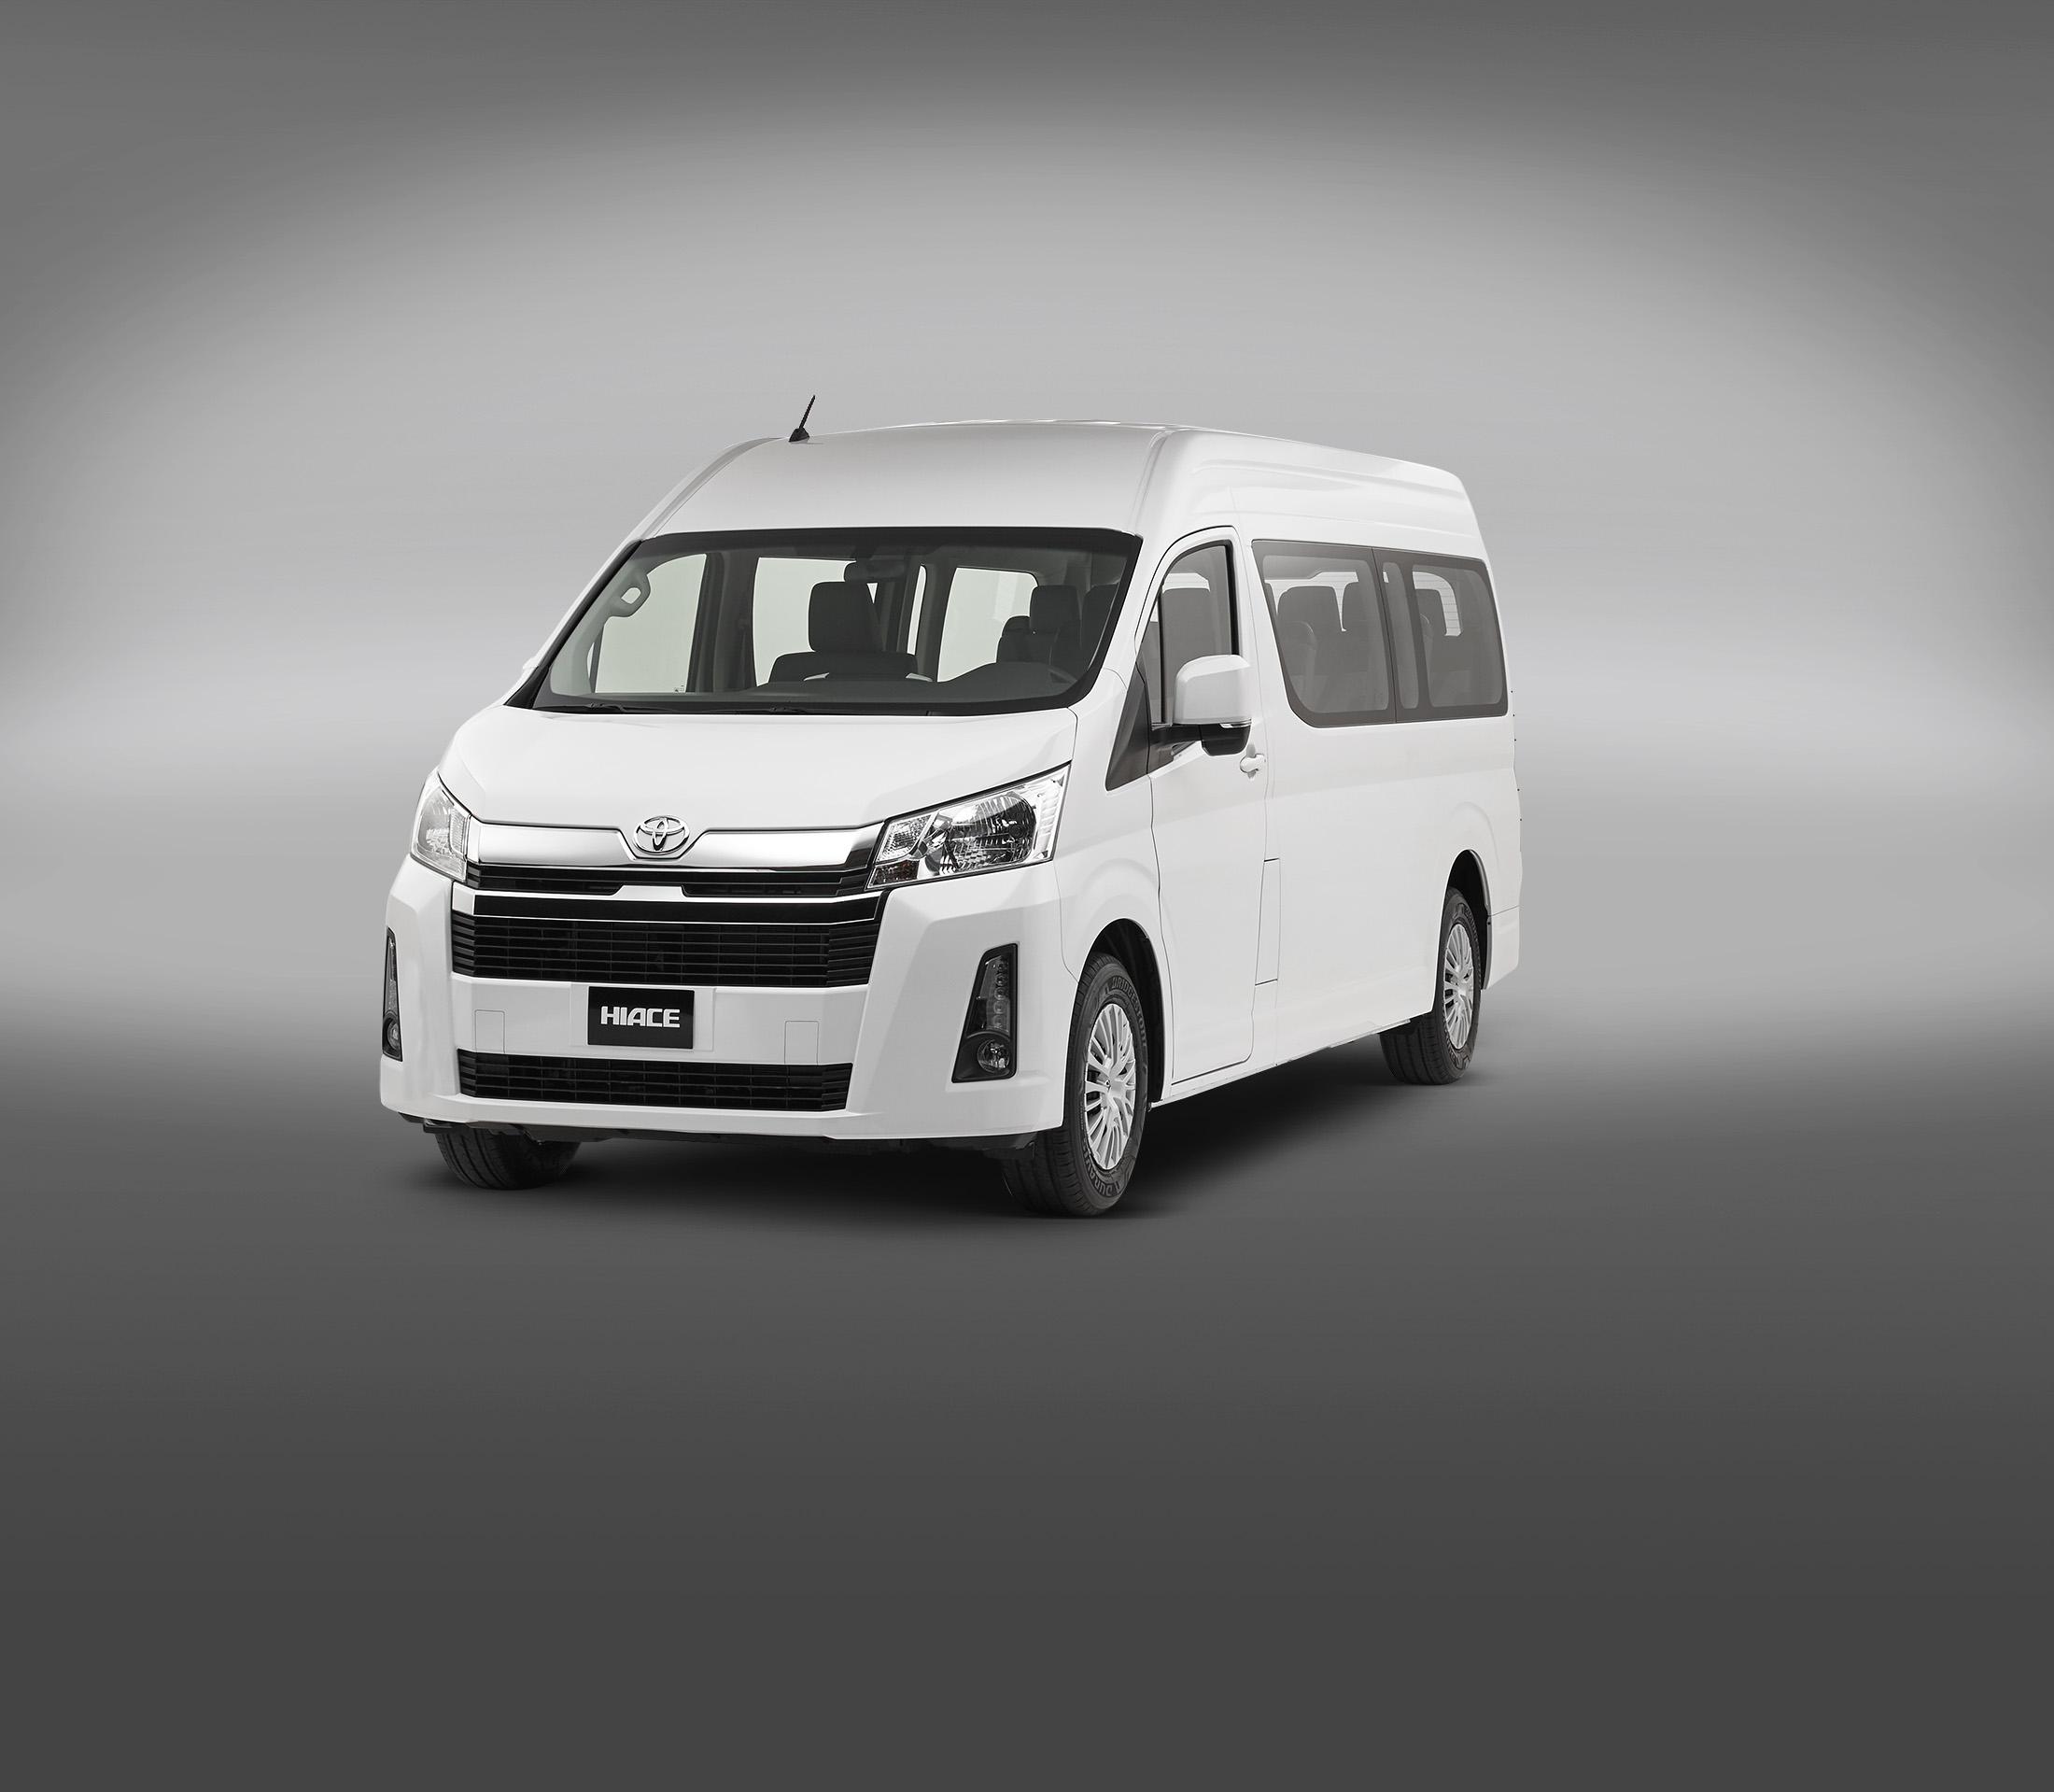 Un buen vehículo comercial ligero, ¿Cuál se adapta a mis necesidades?